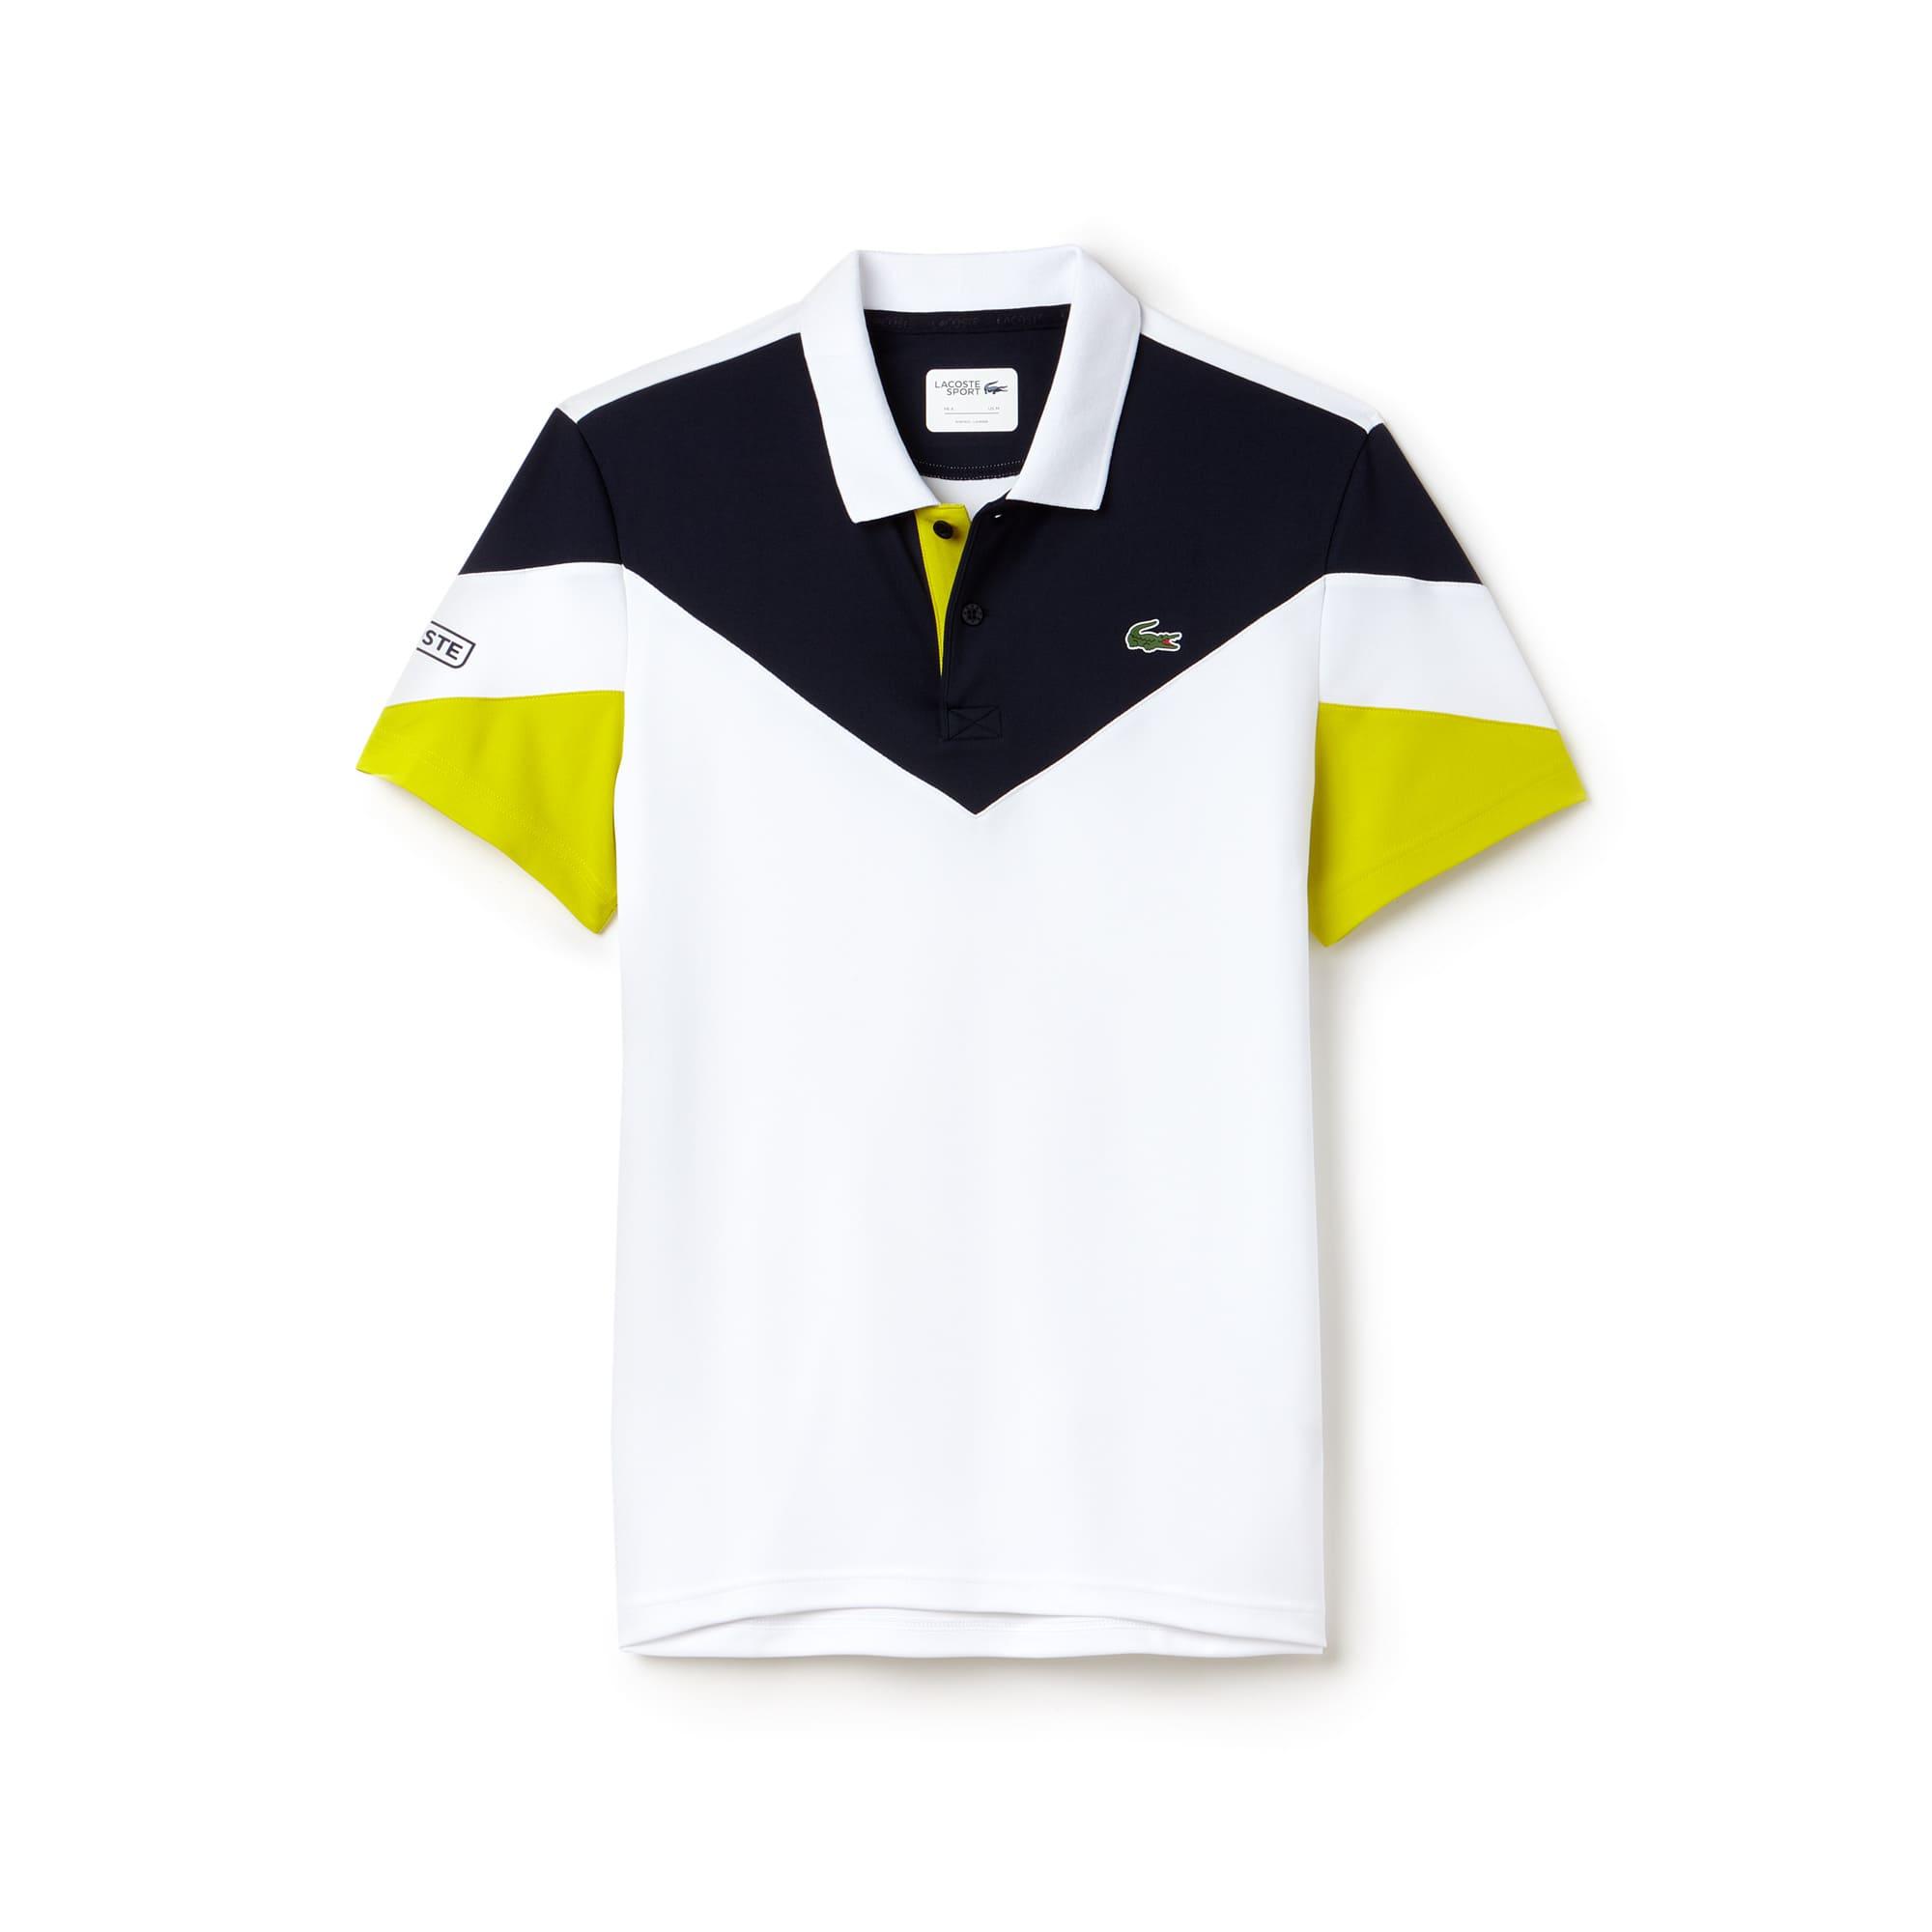 قميص تنس بولو من قماش البيكيه العملي رياضي بلون موحد